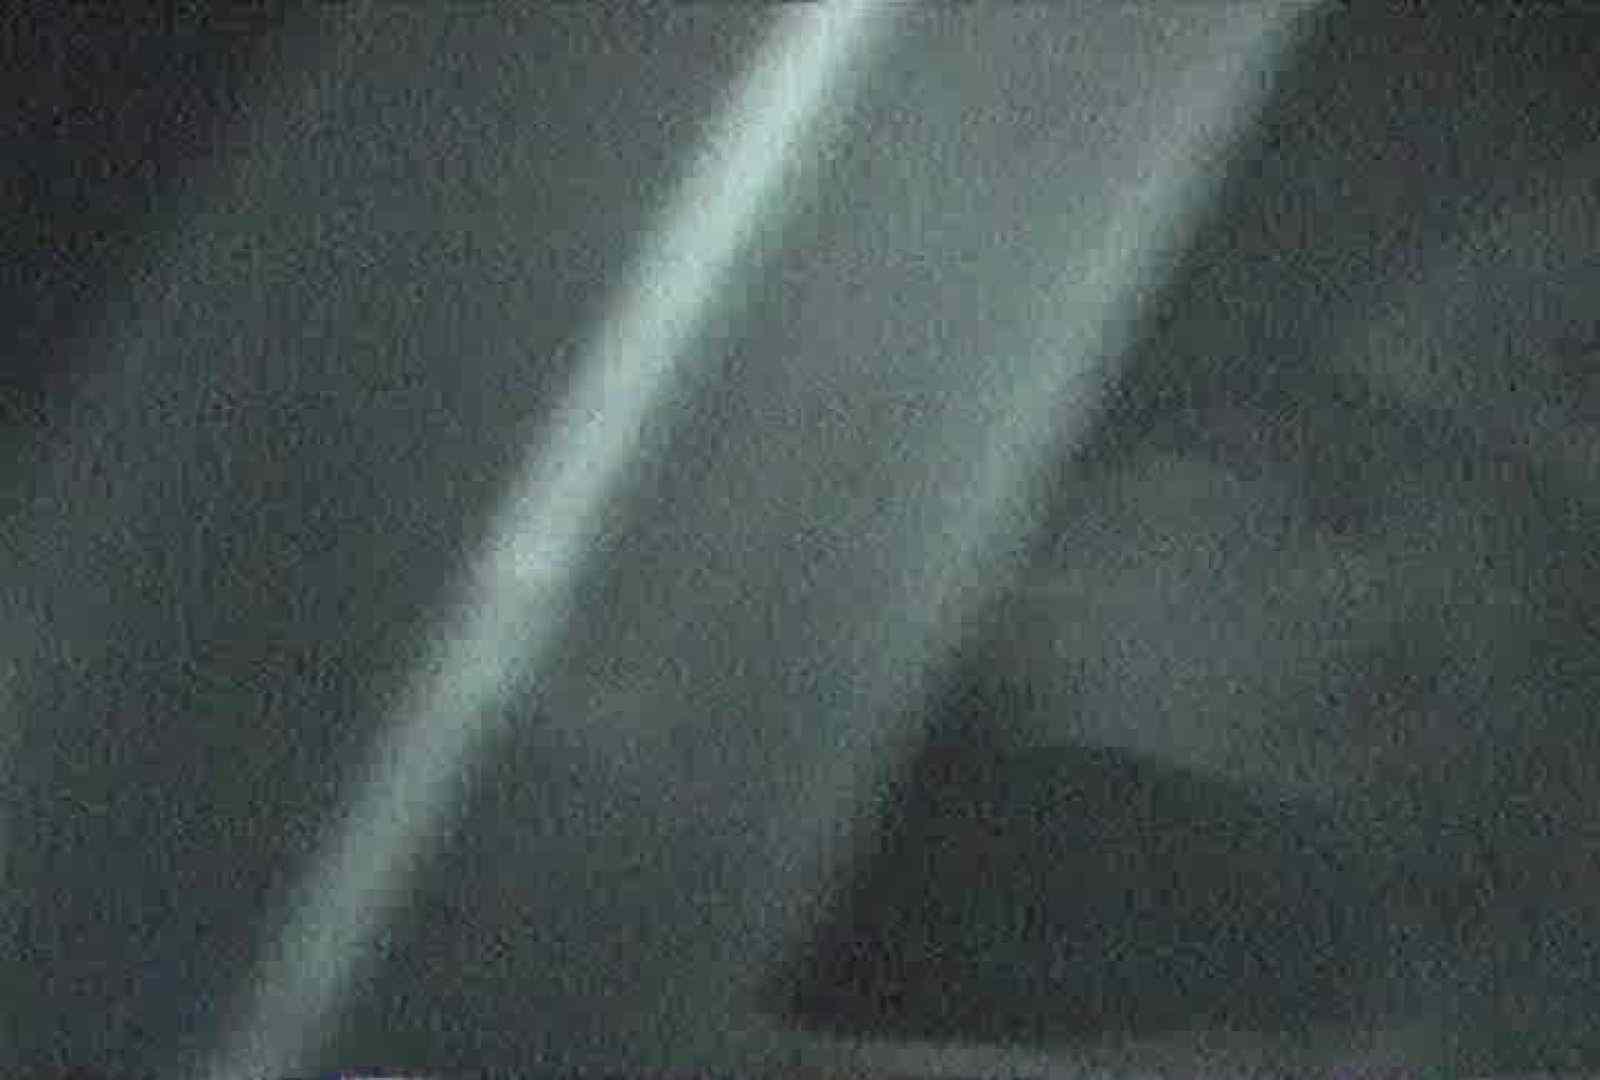 充血監督の深夜の運動会Vol.60 お姉さん丸裸 アダルト動画キャプチャ 90pic 3